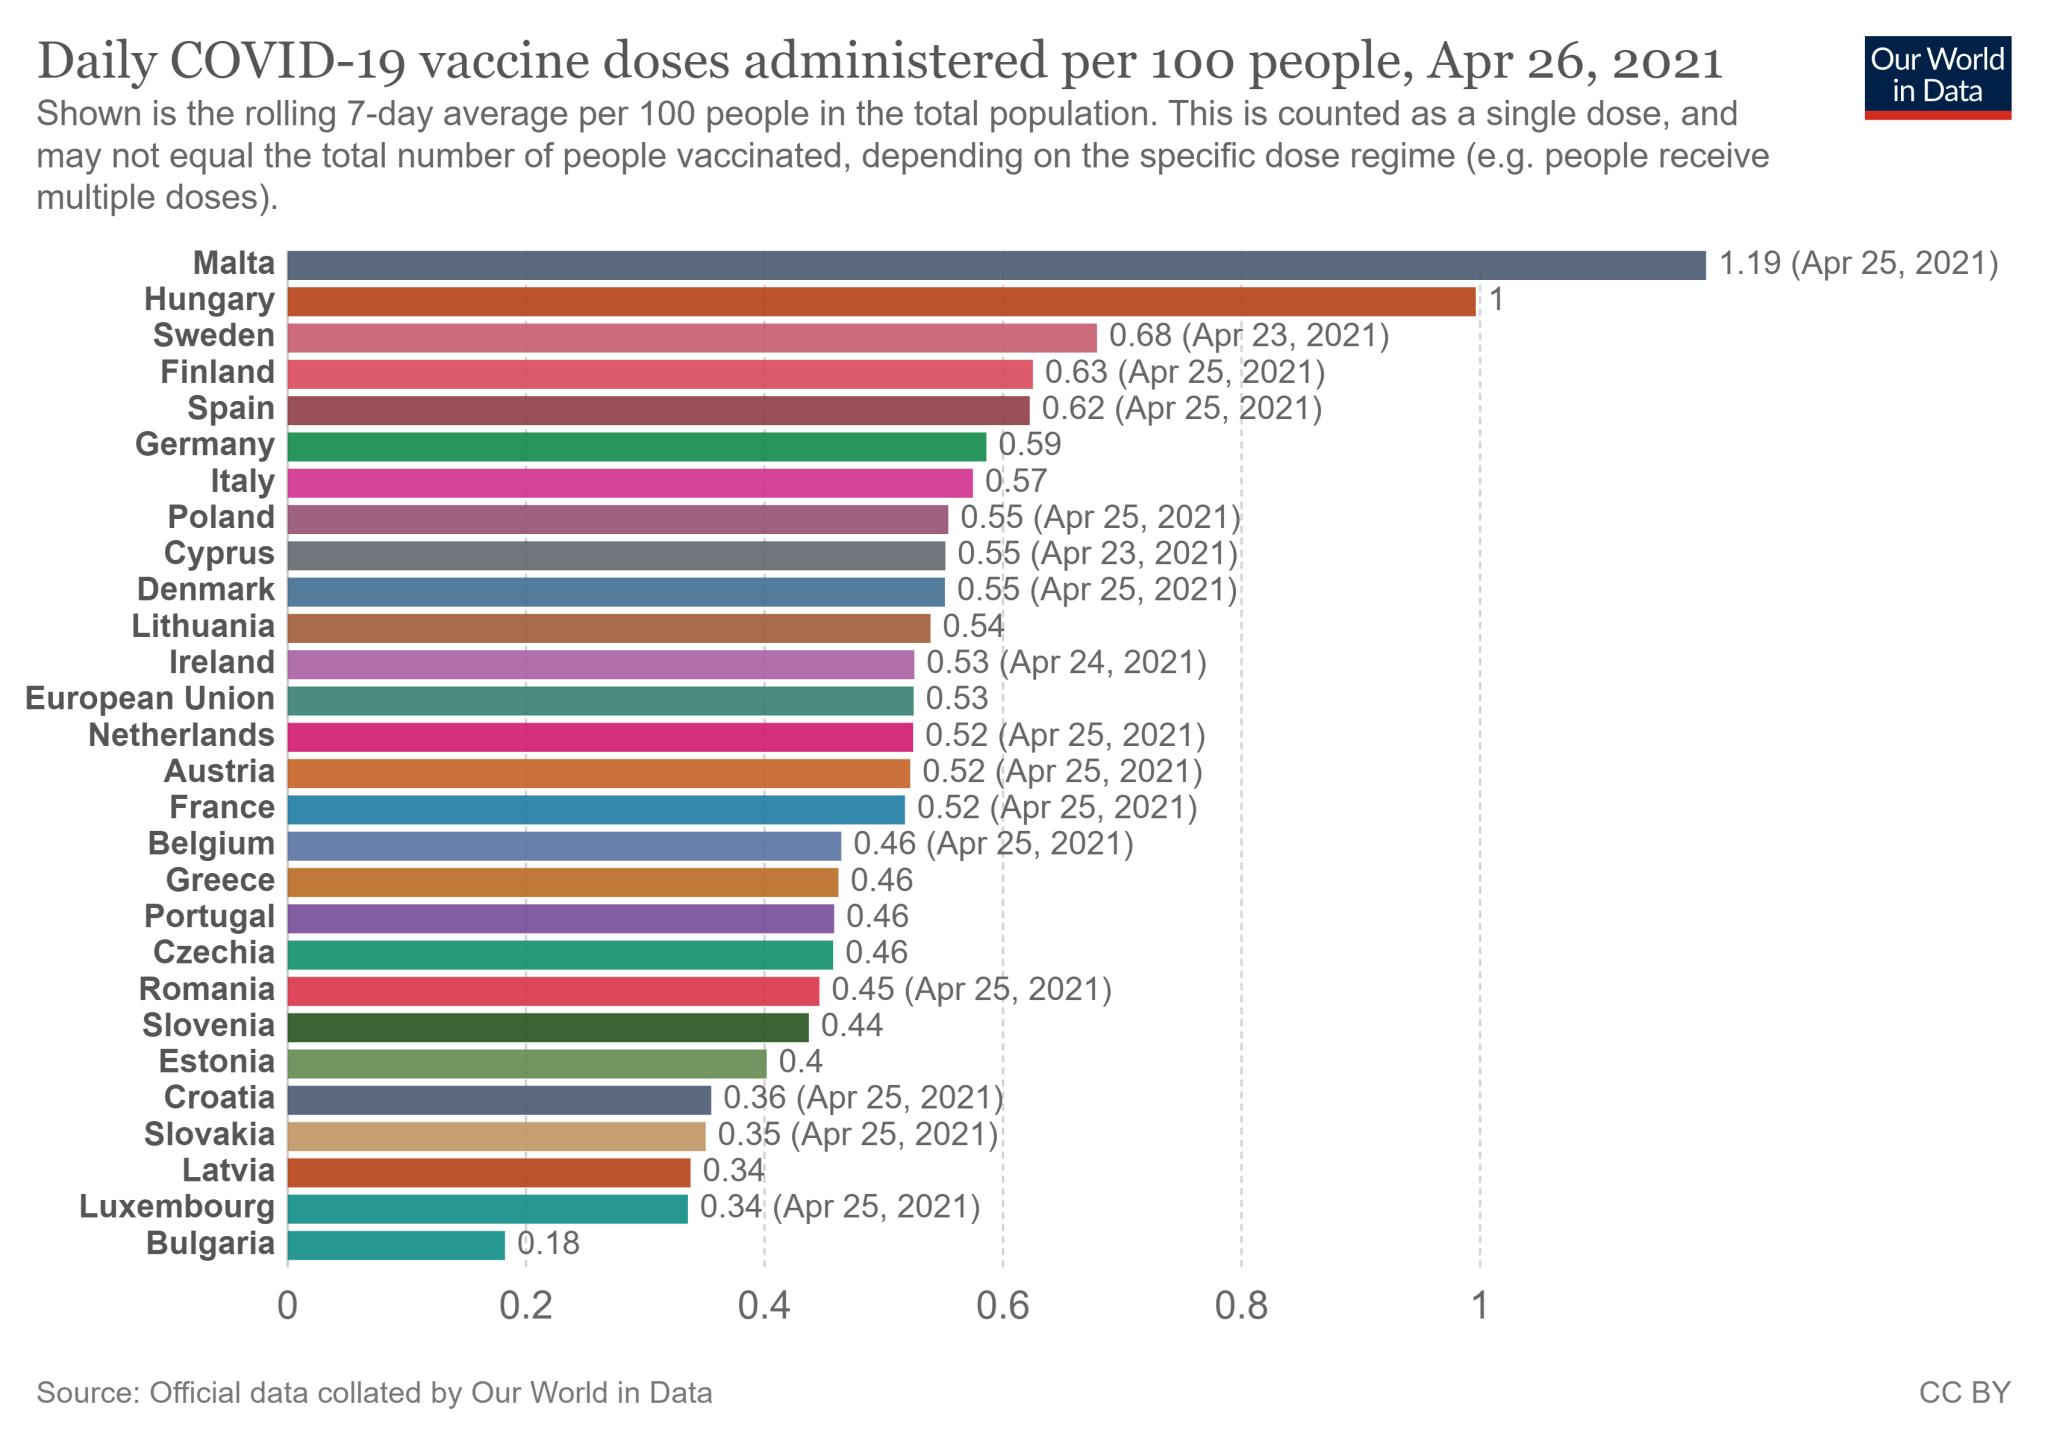 Tygodniowa średnia krocząca wskaźnika zaszczepienia w 27 państwach Unii Europejskiej - stan na 26 kwietnia 2021